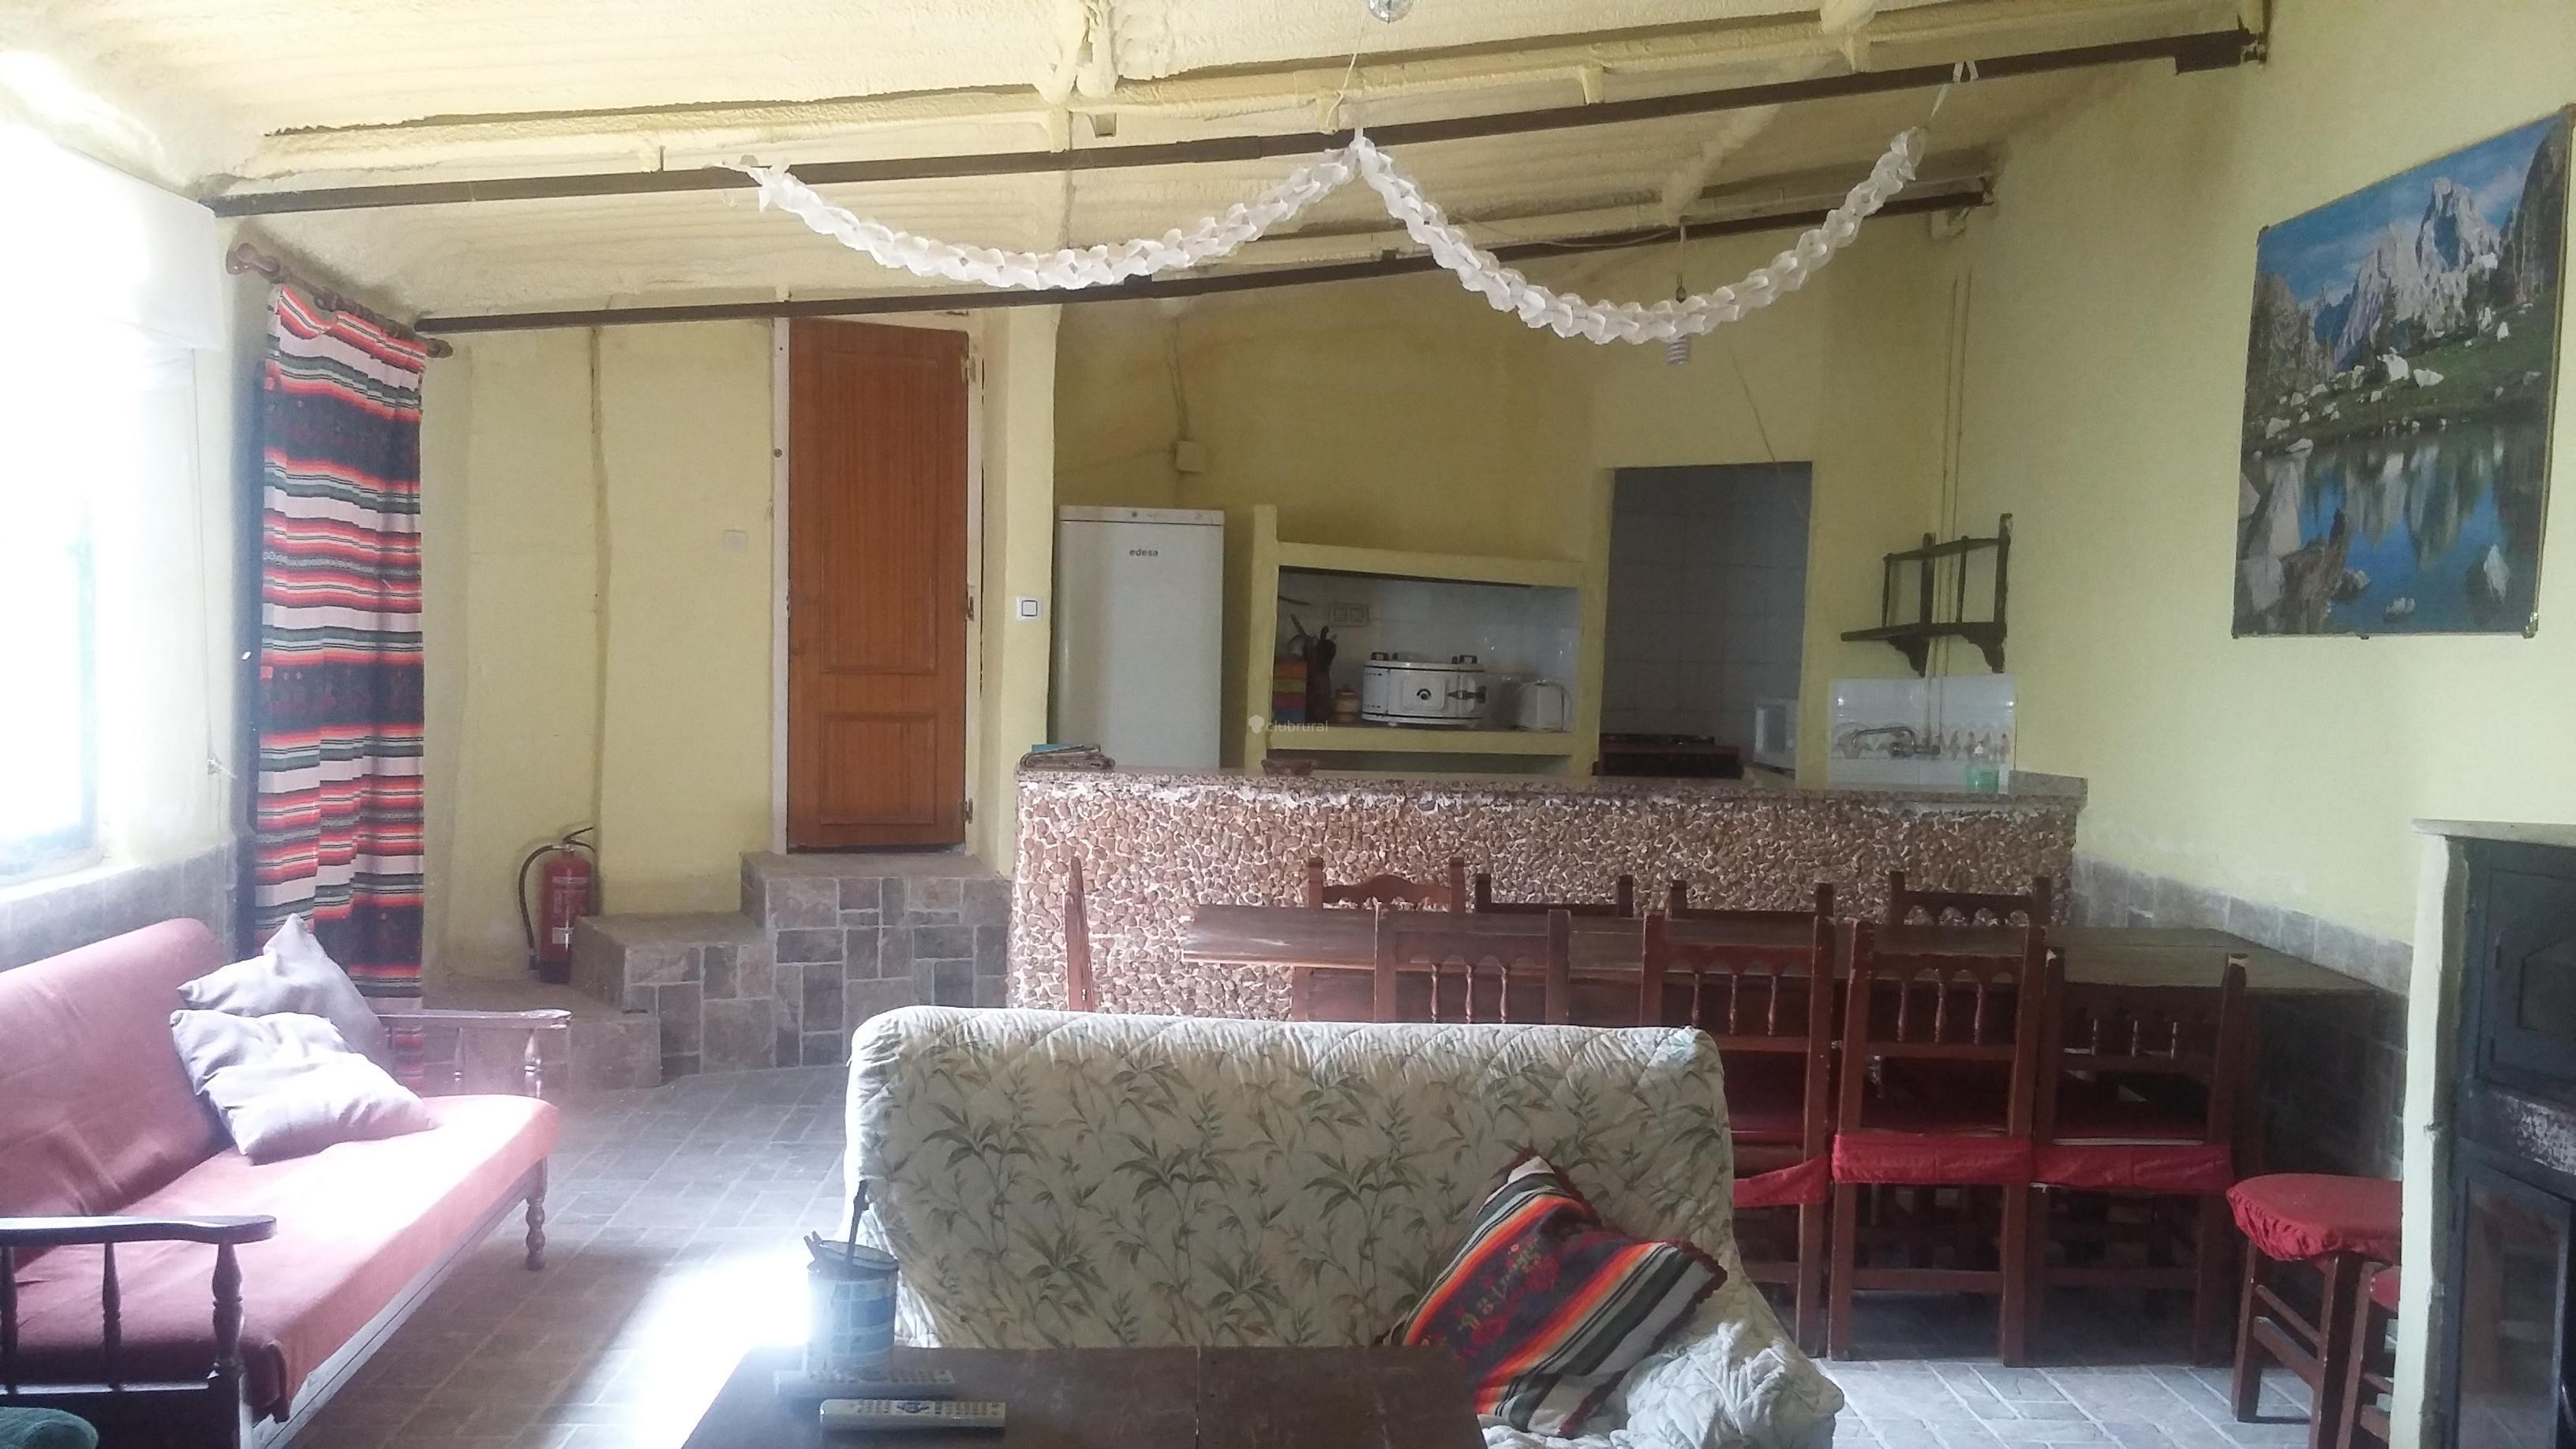 Fotos de cortijo do a antonia granada illora clubrural - Casa rural maria antonia ...